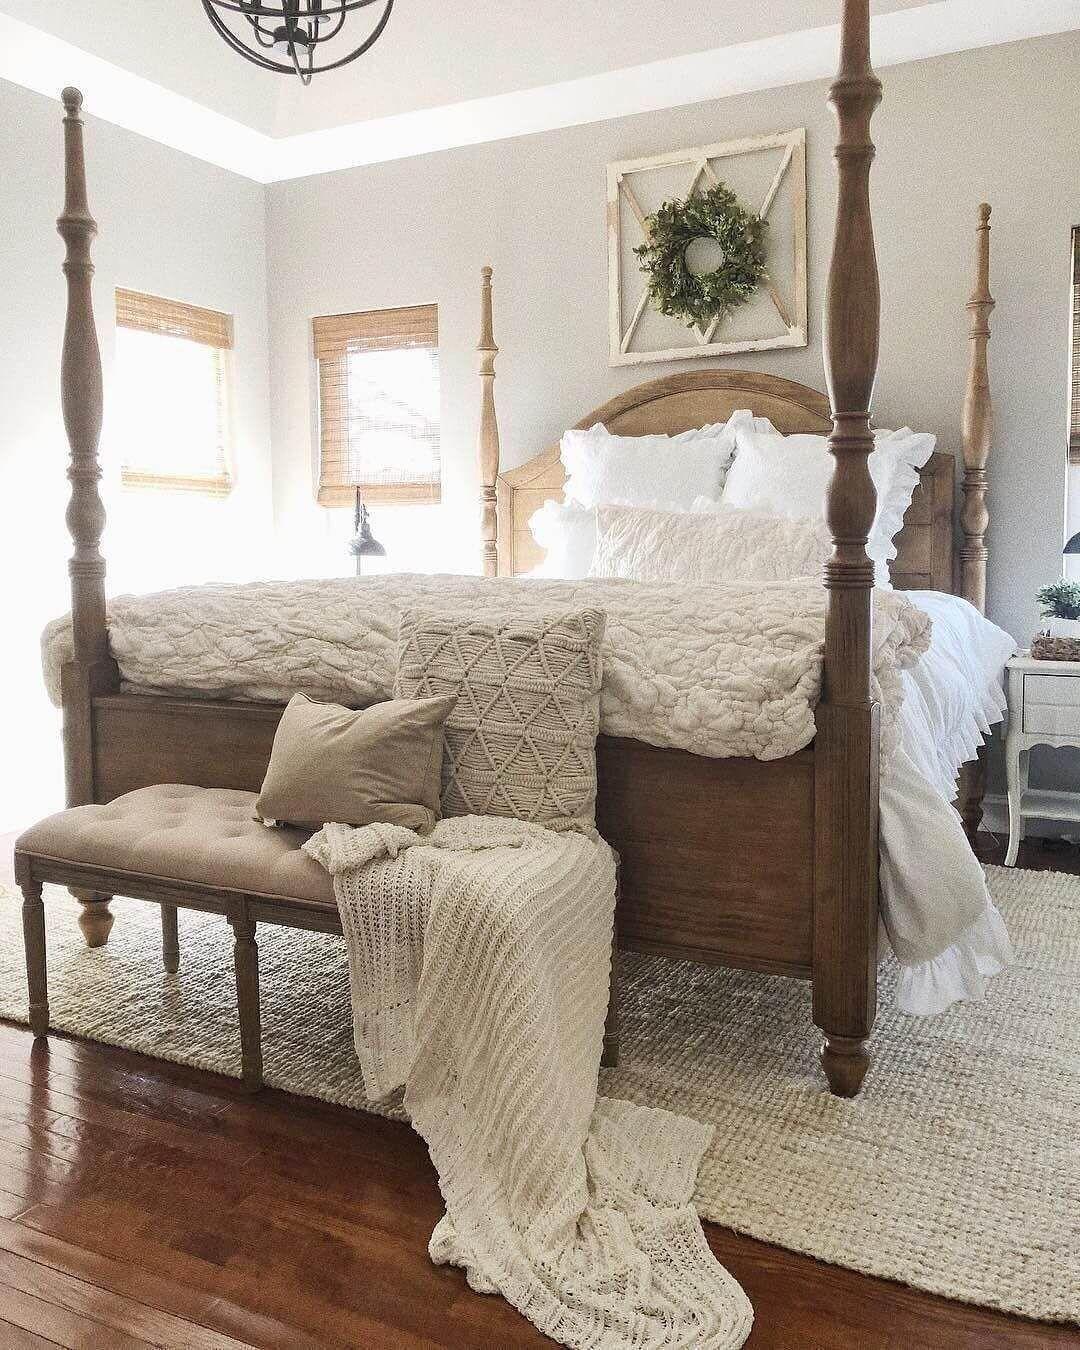 25 Inviting And Cozy Farmhouse Bedroom (The Visual Treats) - A3